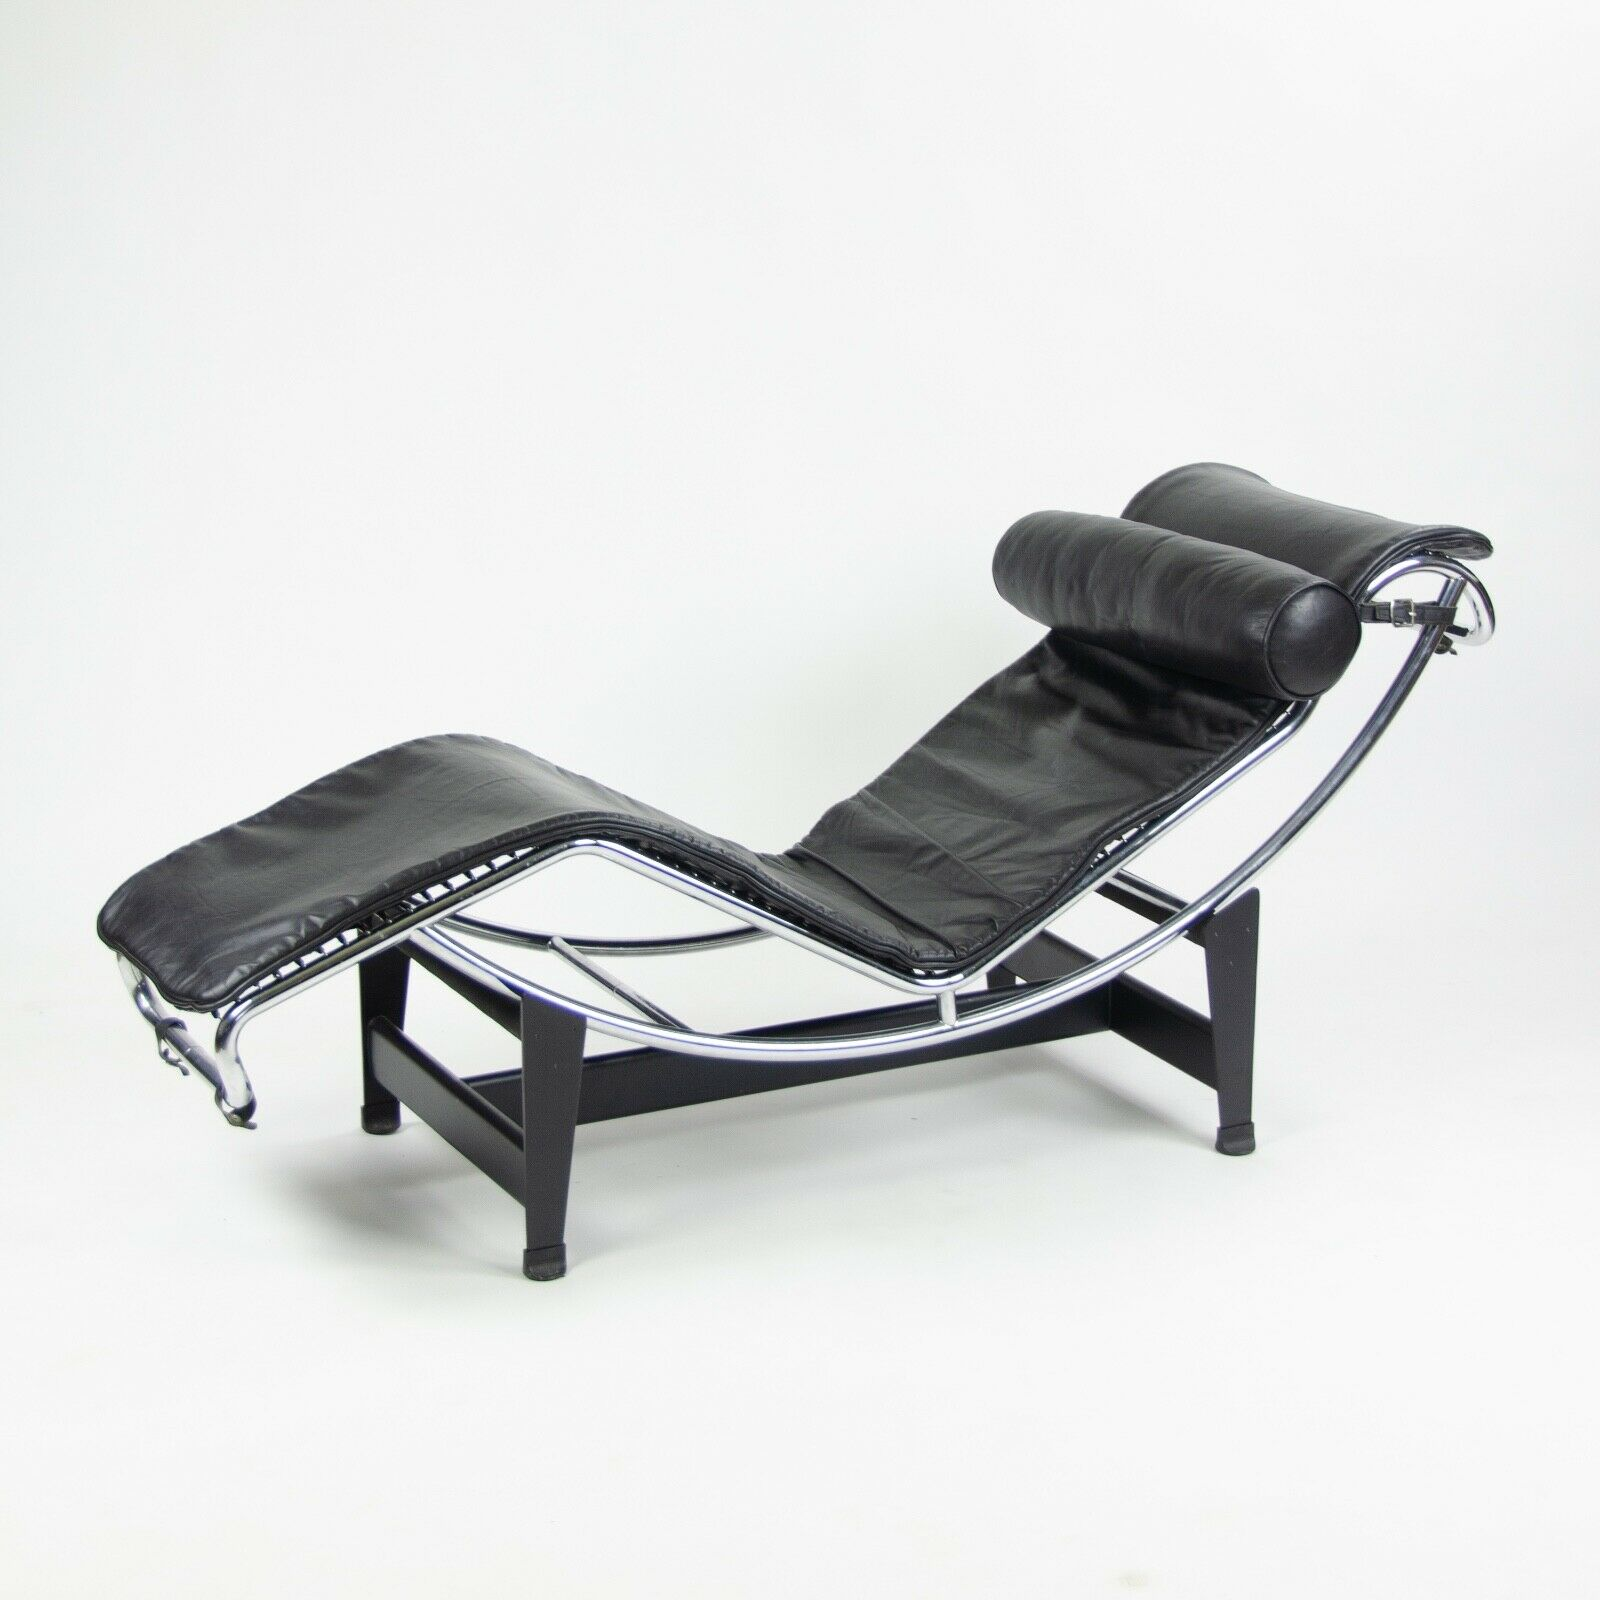 Details About Vintage Original Le Corbusier Cassina LC4 Chaise Lounge Chair  Black Leather